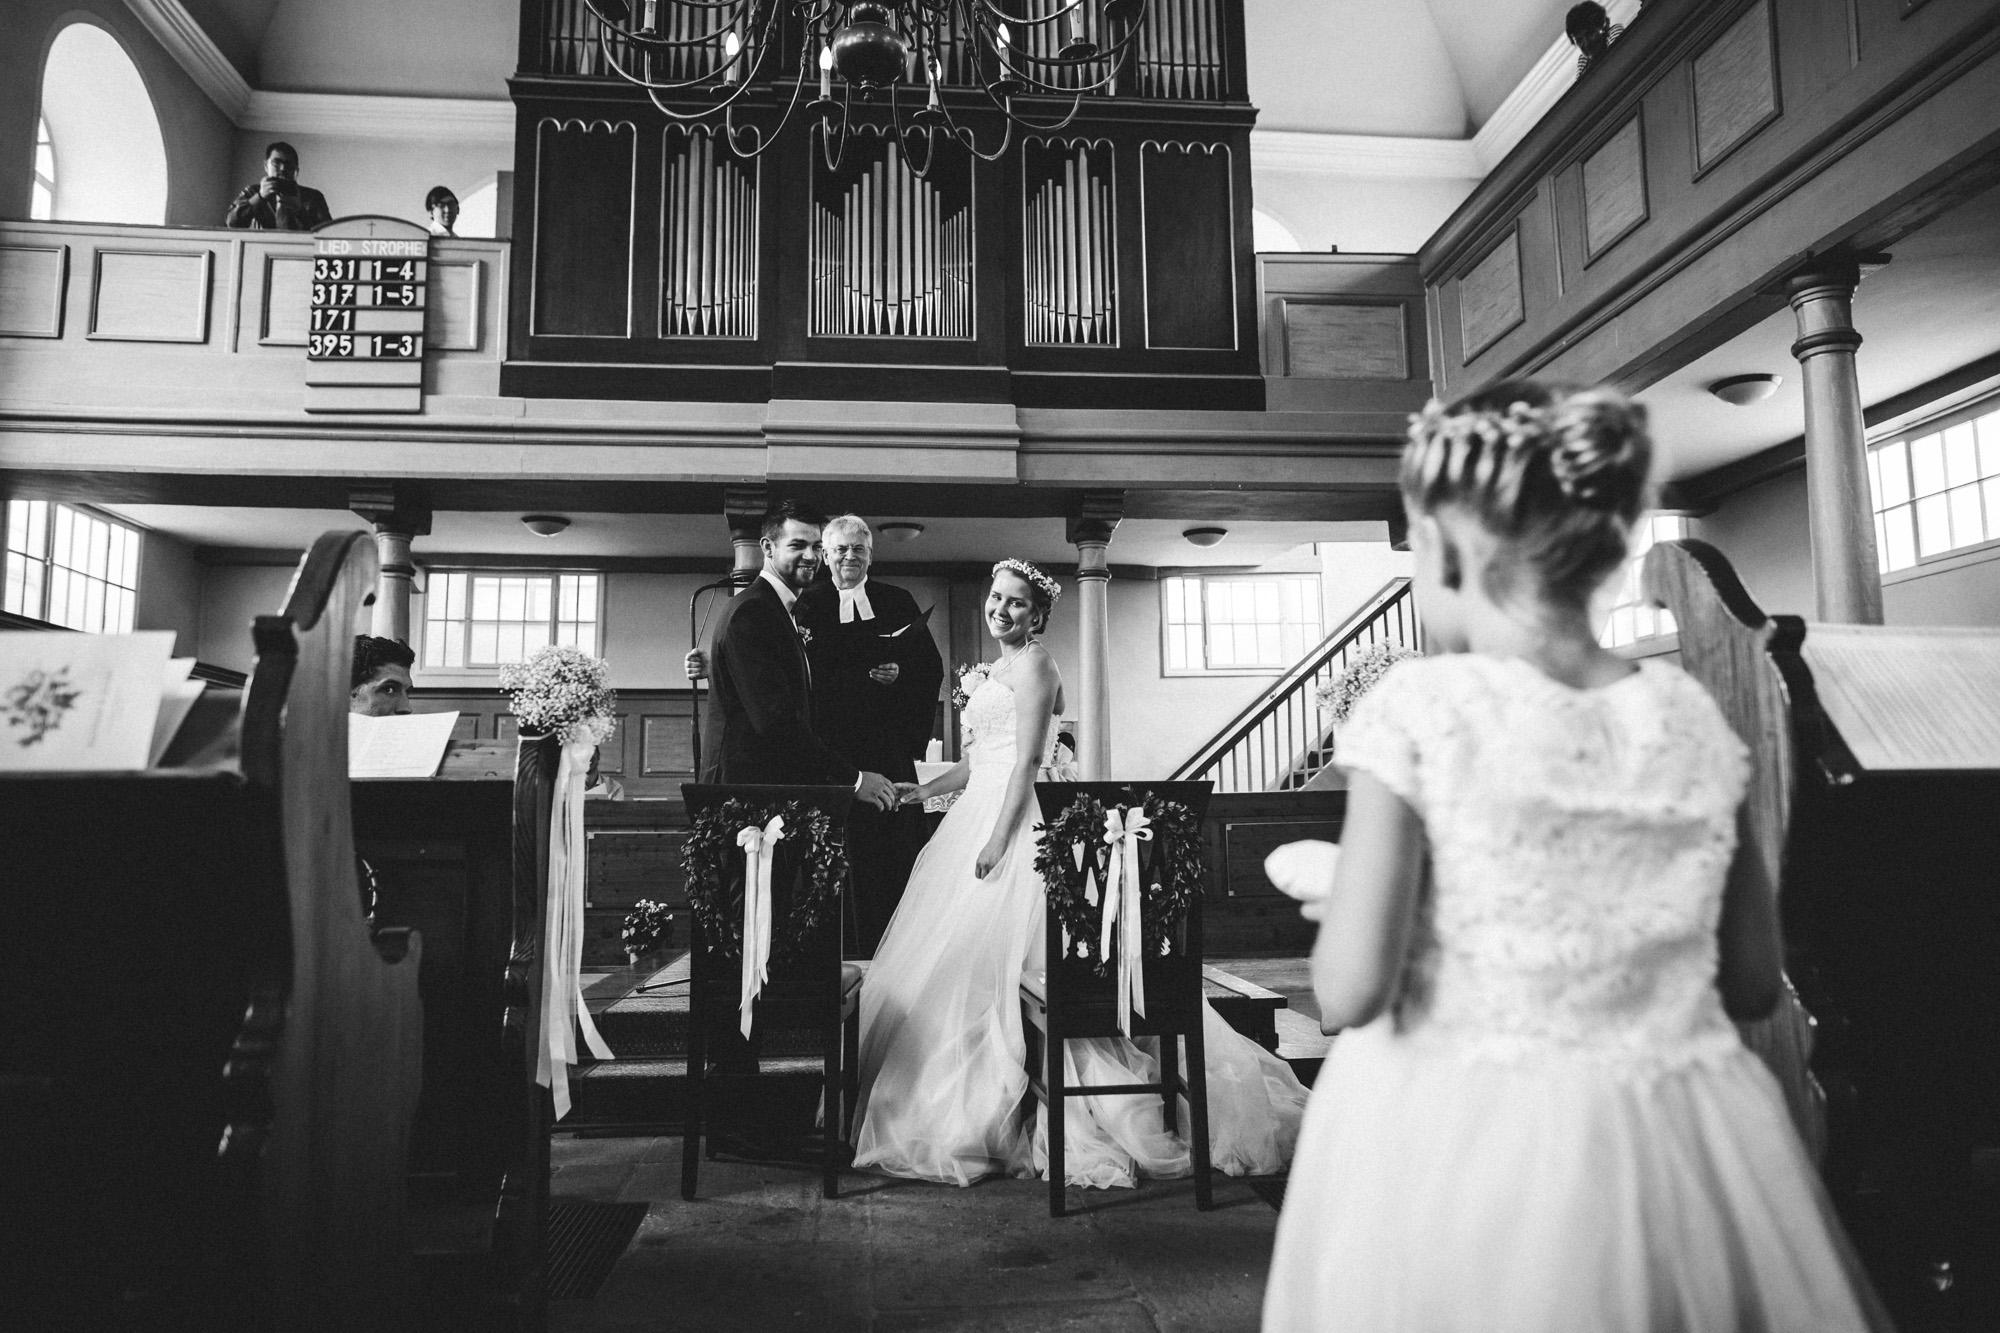 hannah und elias 071 - Schwarz-Weiß Hochzeit